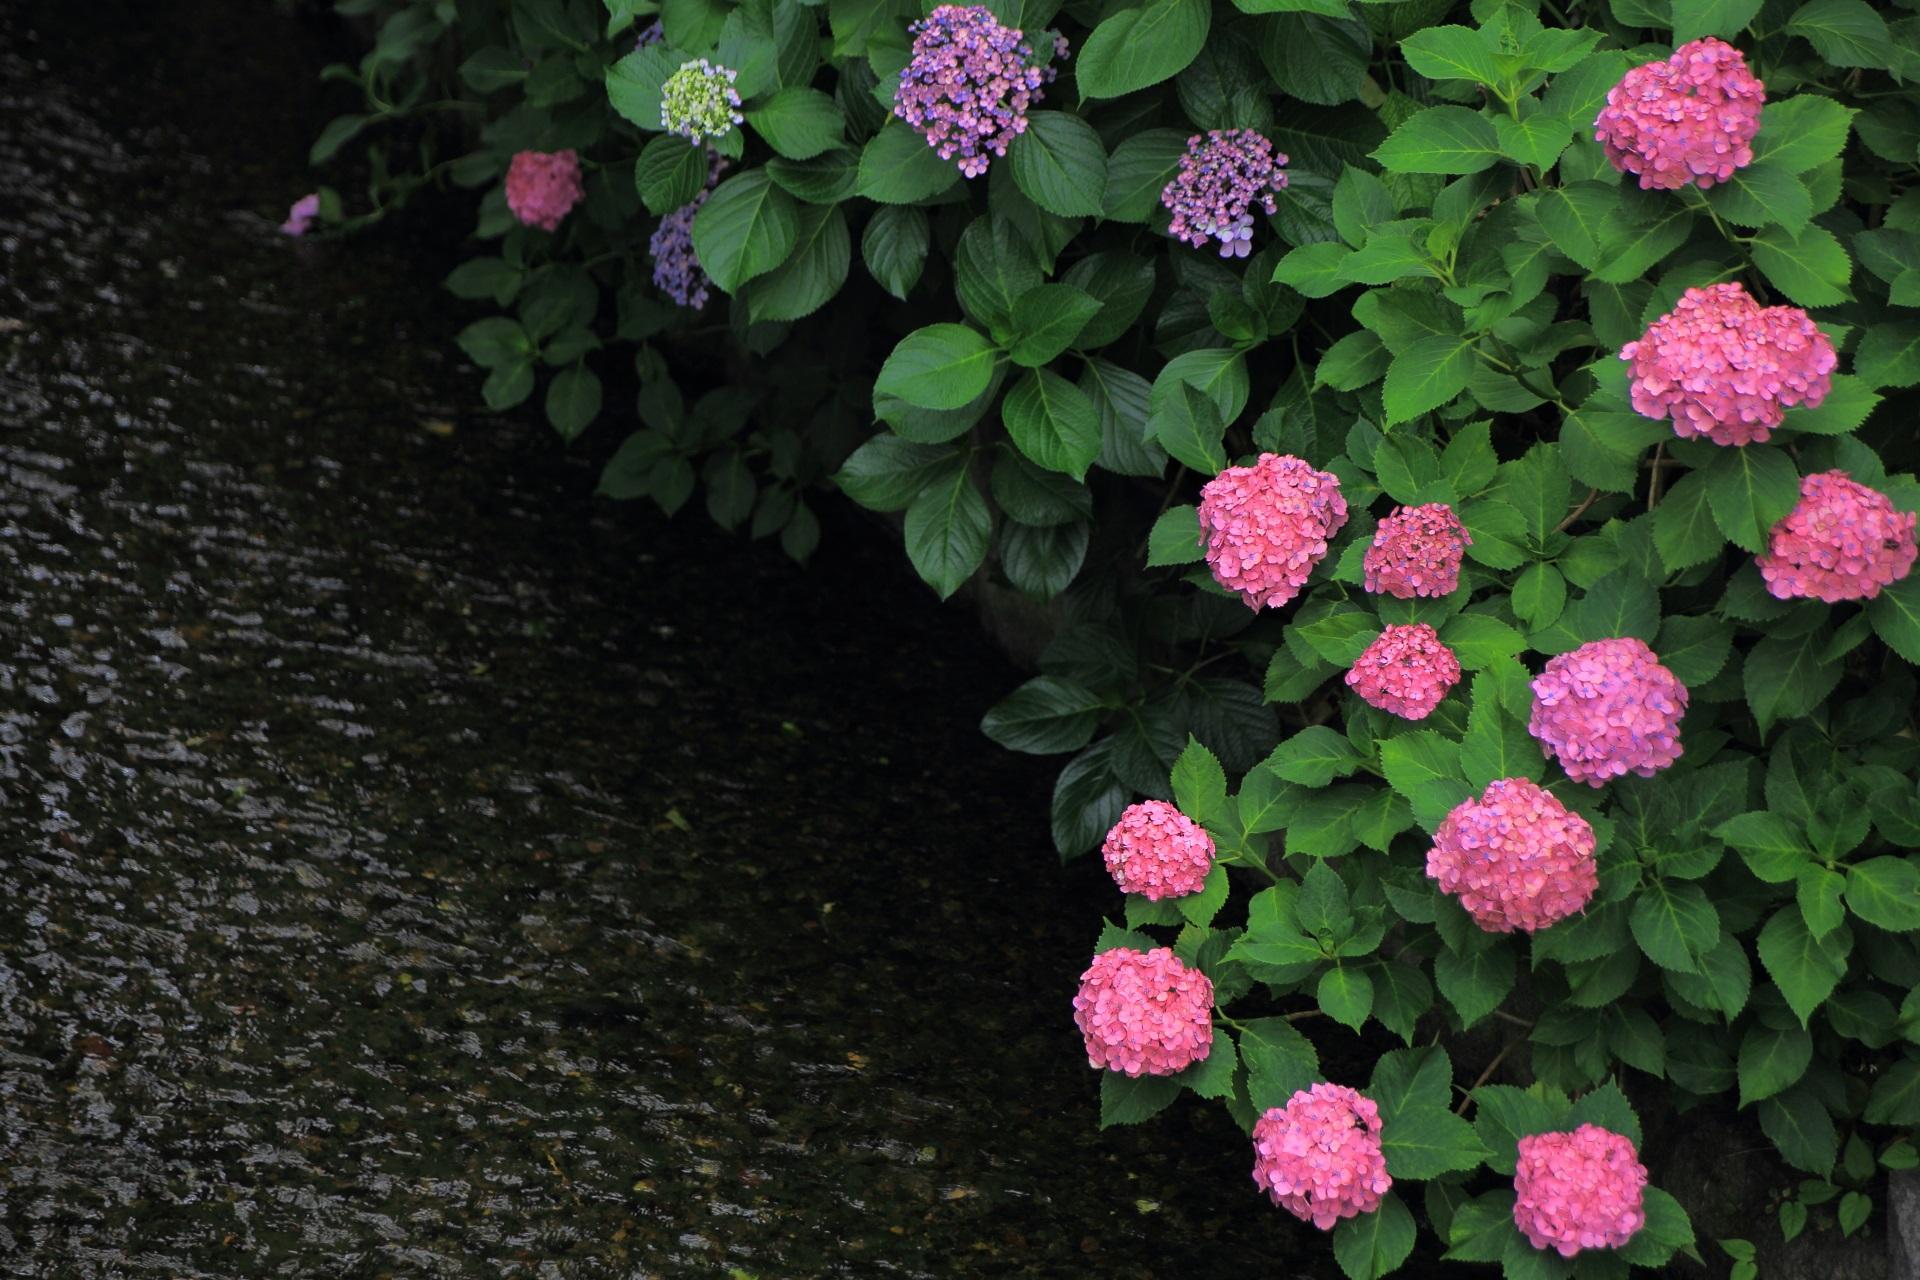 高瀬川 紫陽花 水辺の鮮やかな彩り